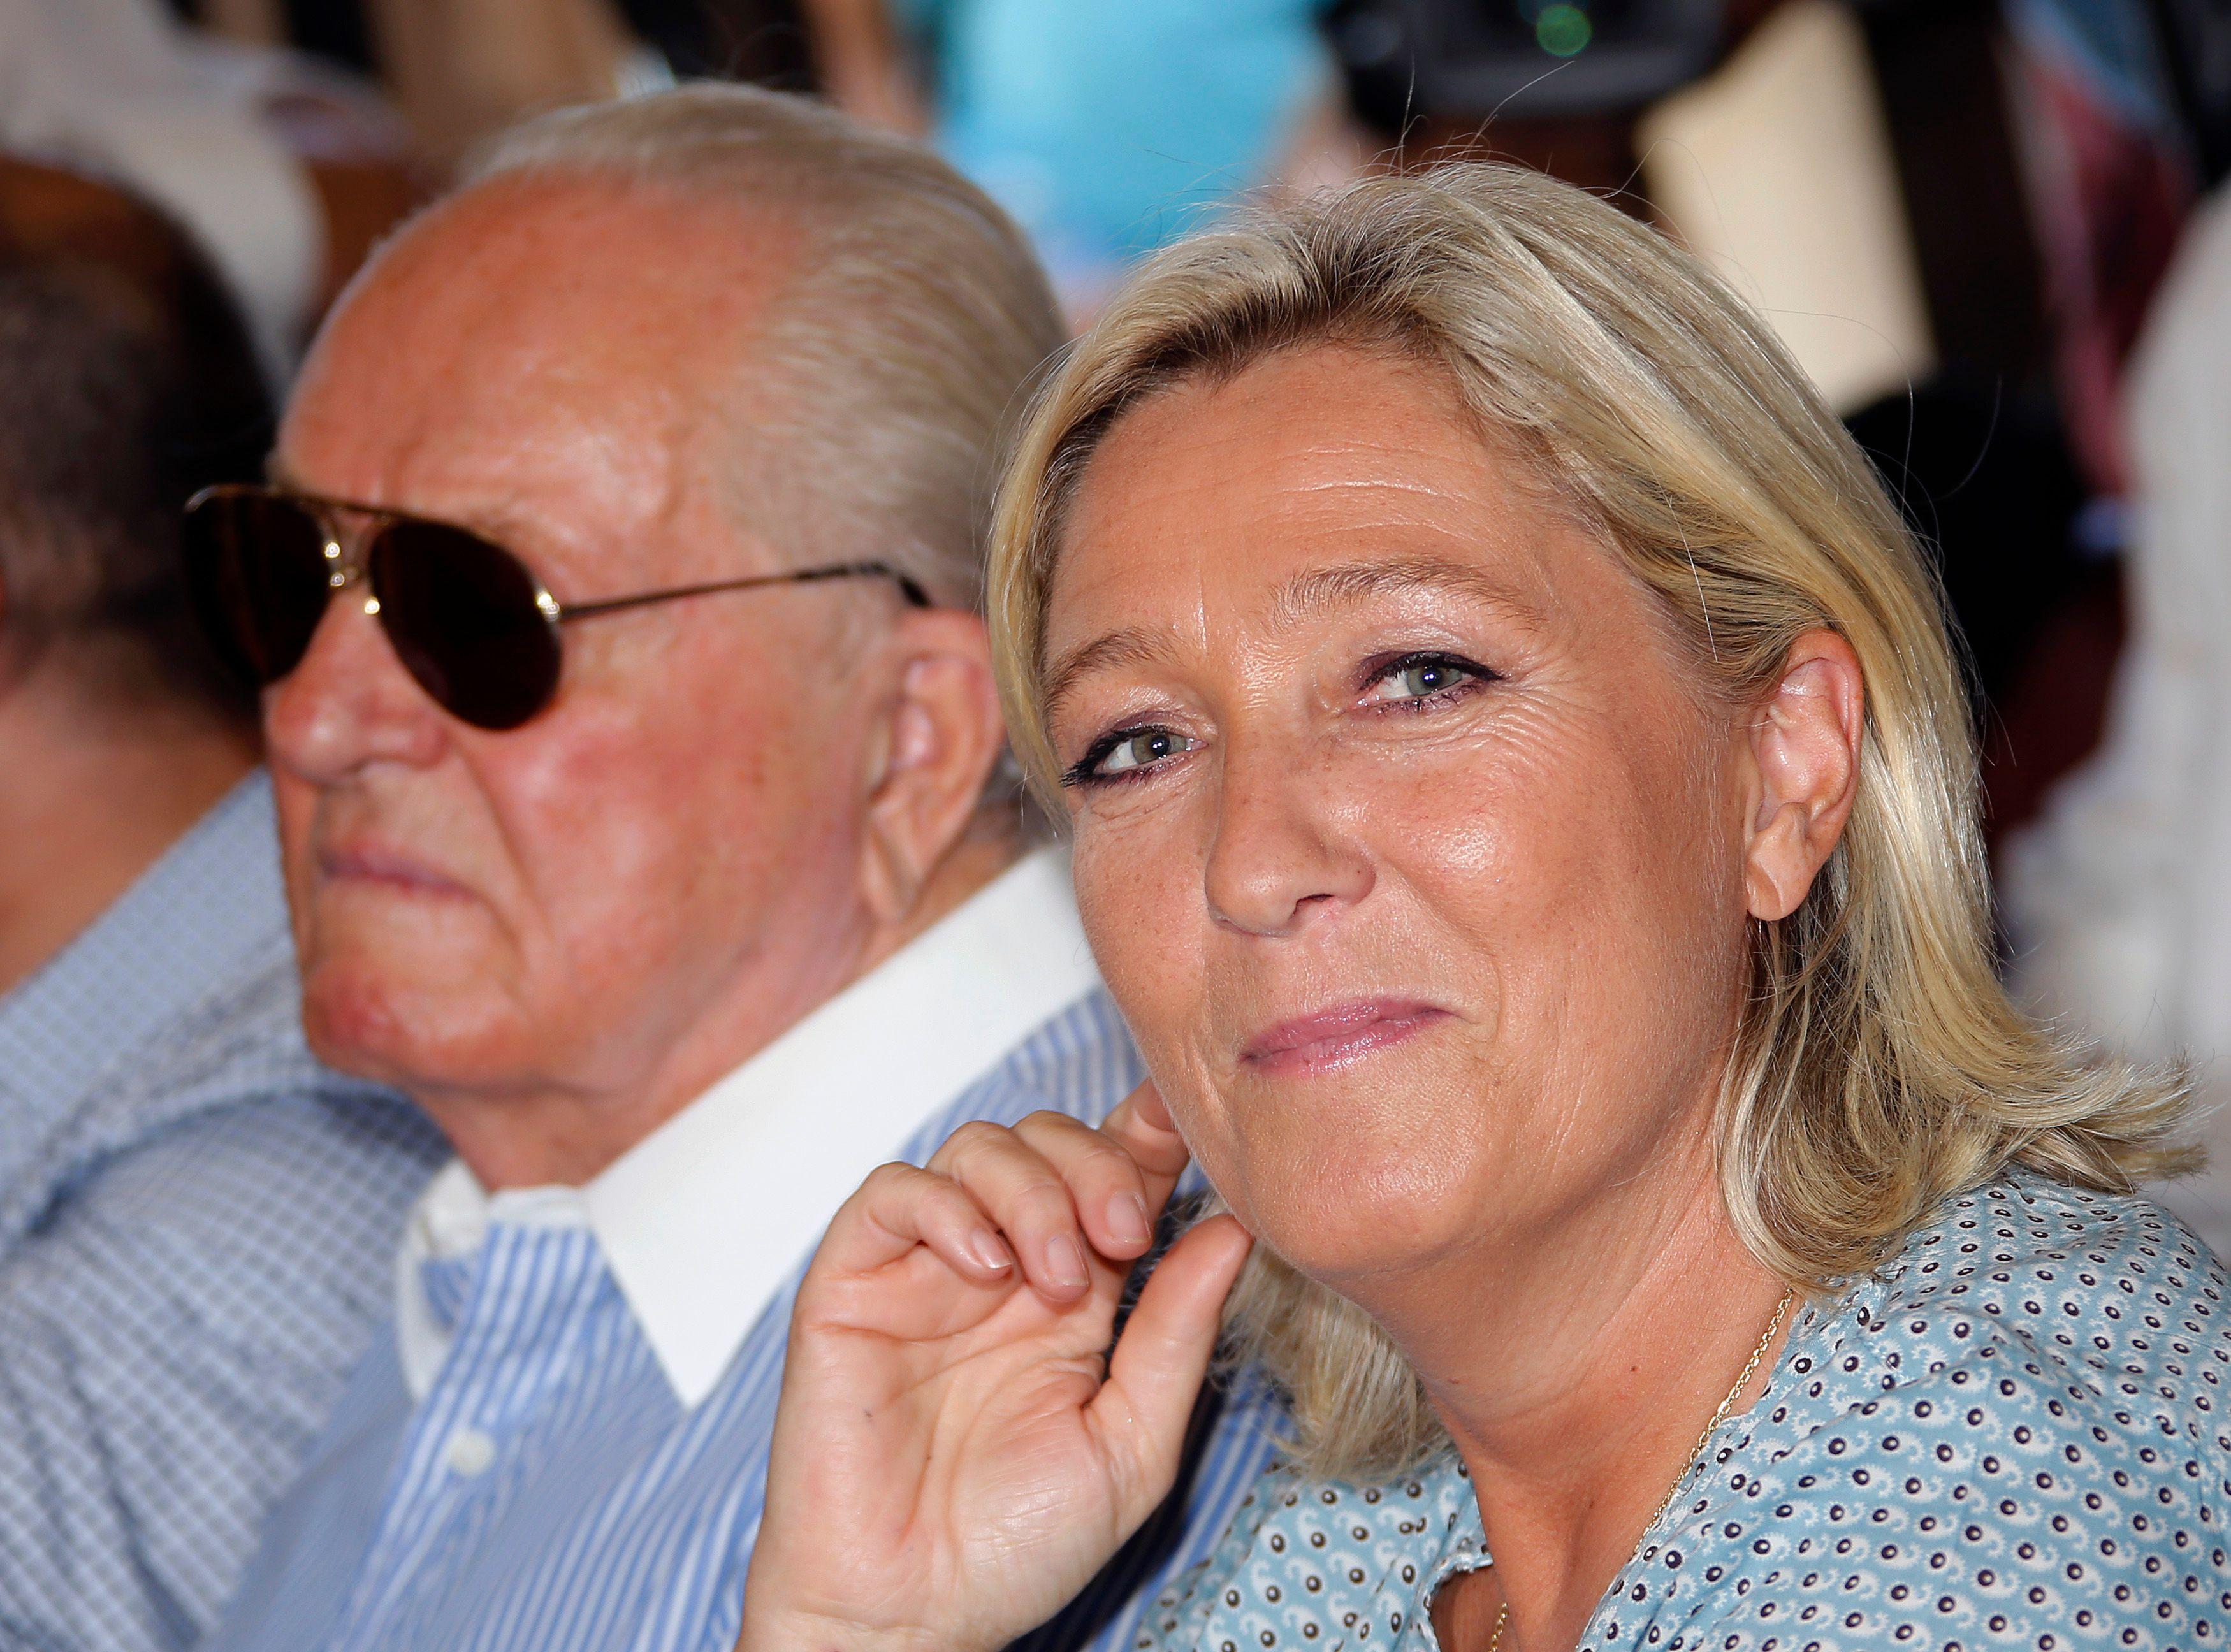 Tsunami au FN après l'interview choc de Jean-Marie Le Pen : retour sur la folle journée vécue par le parti